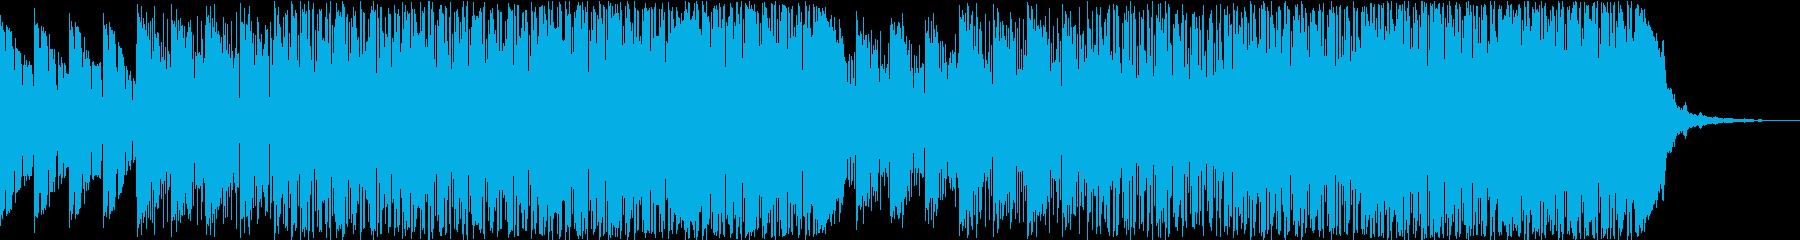 エレクトロニカインストゥルメンタル...の再生済みの波形